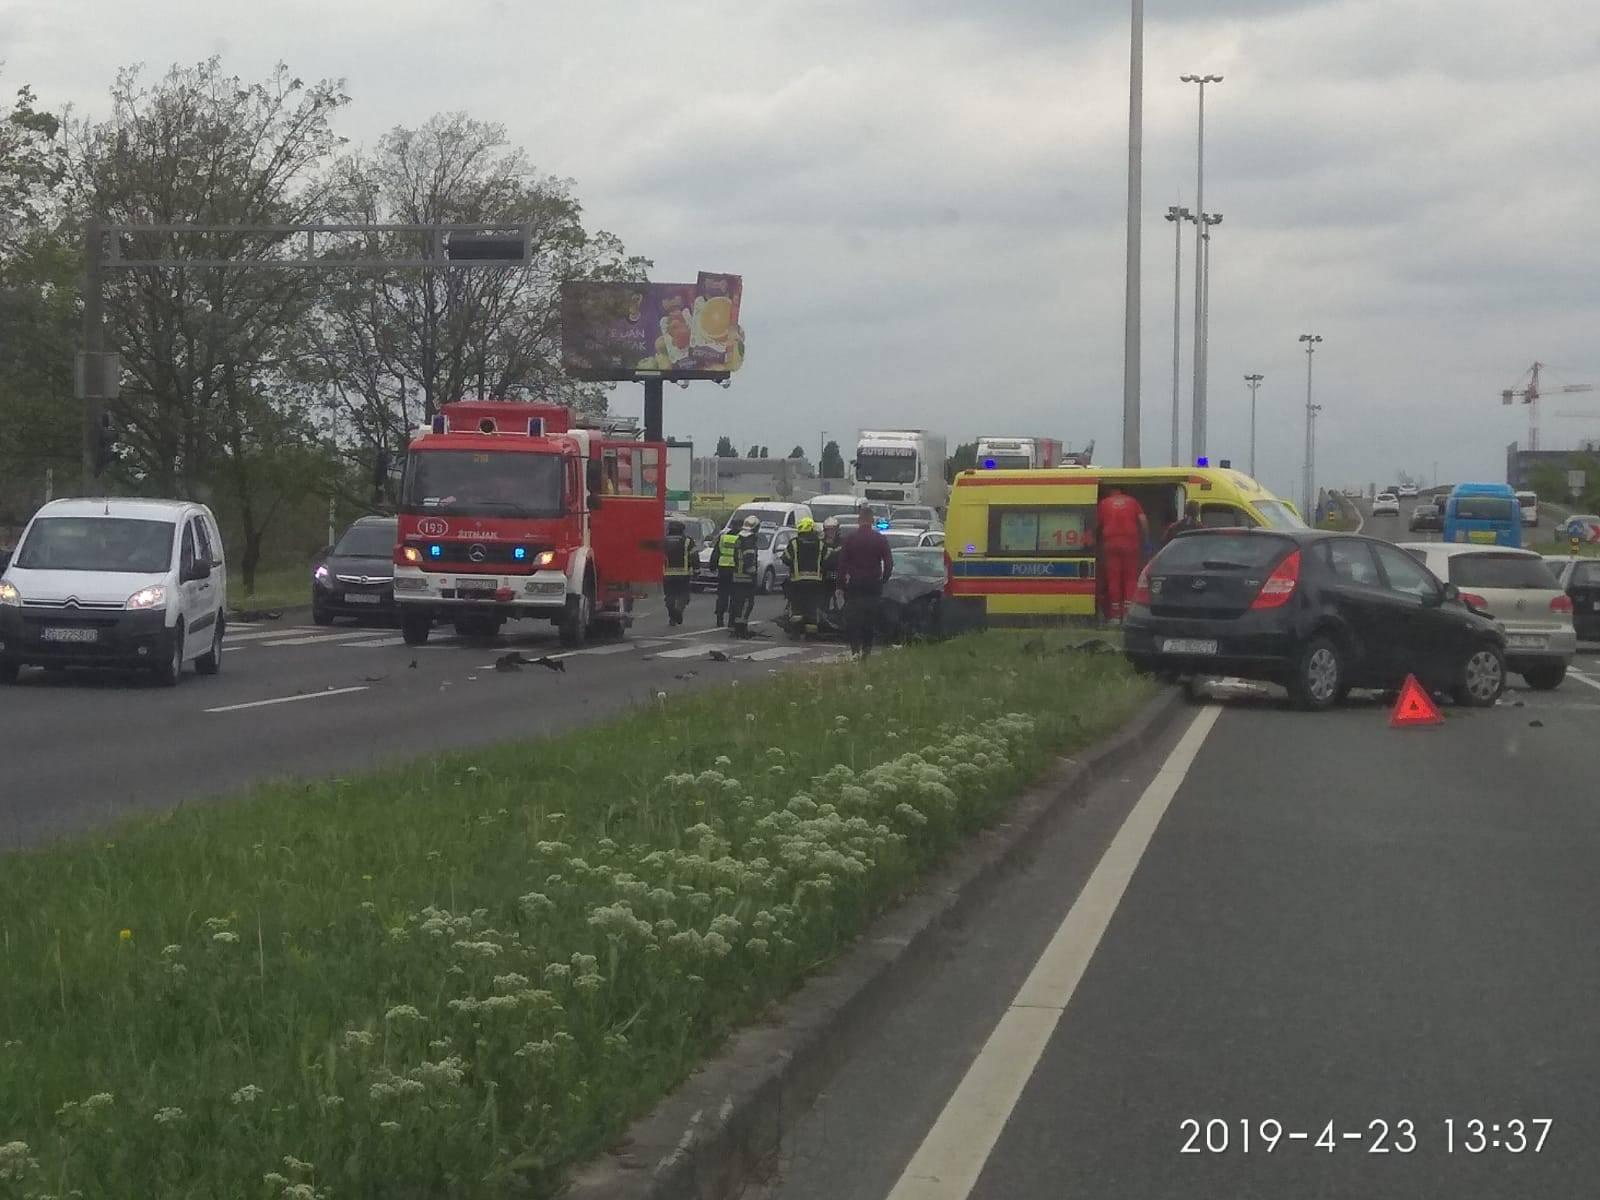 Teška nesreća u Zagrebu: Ljudi leže na travi, jednog su izvlačili